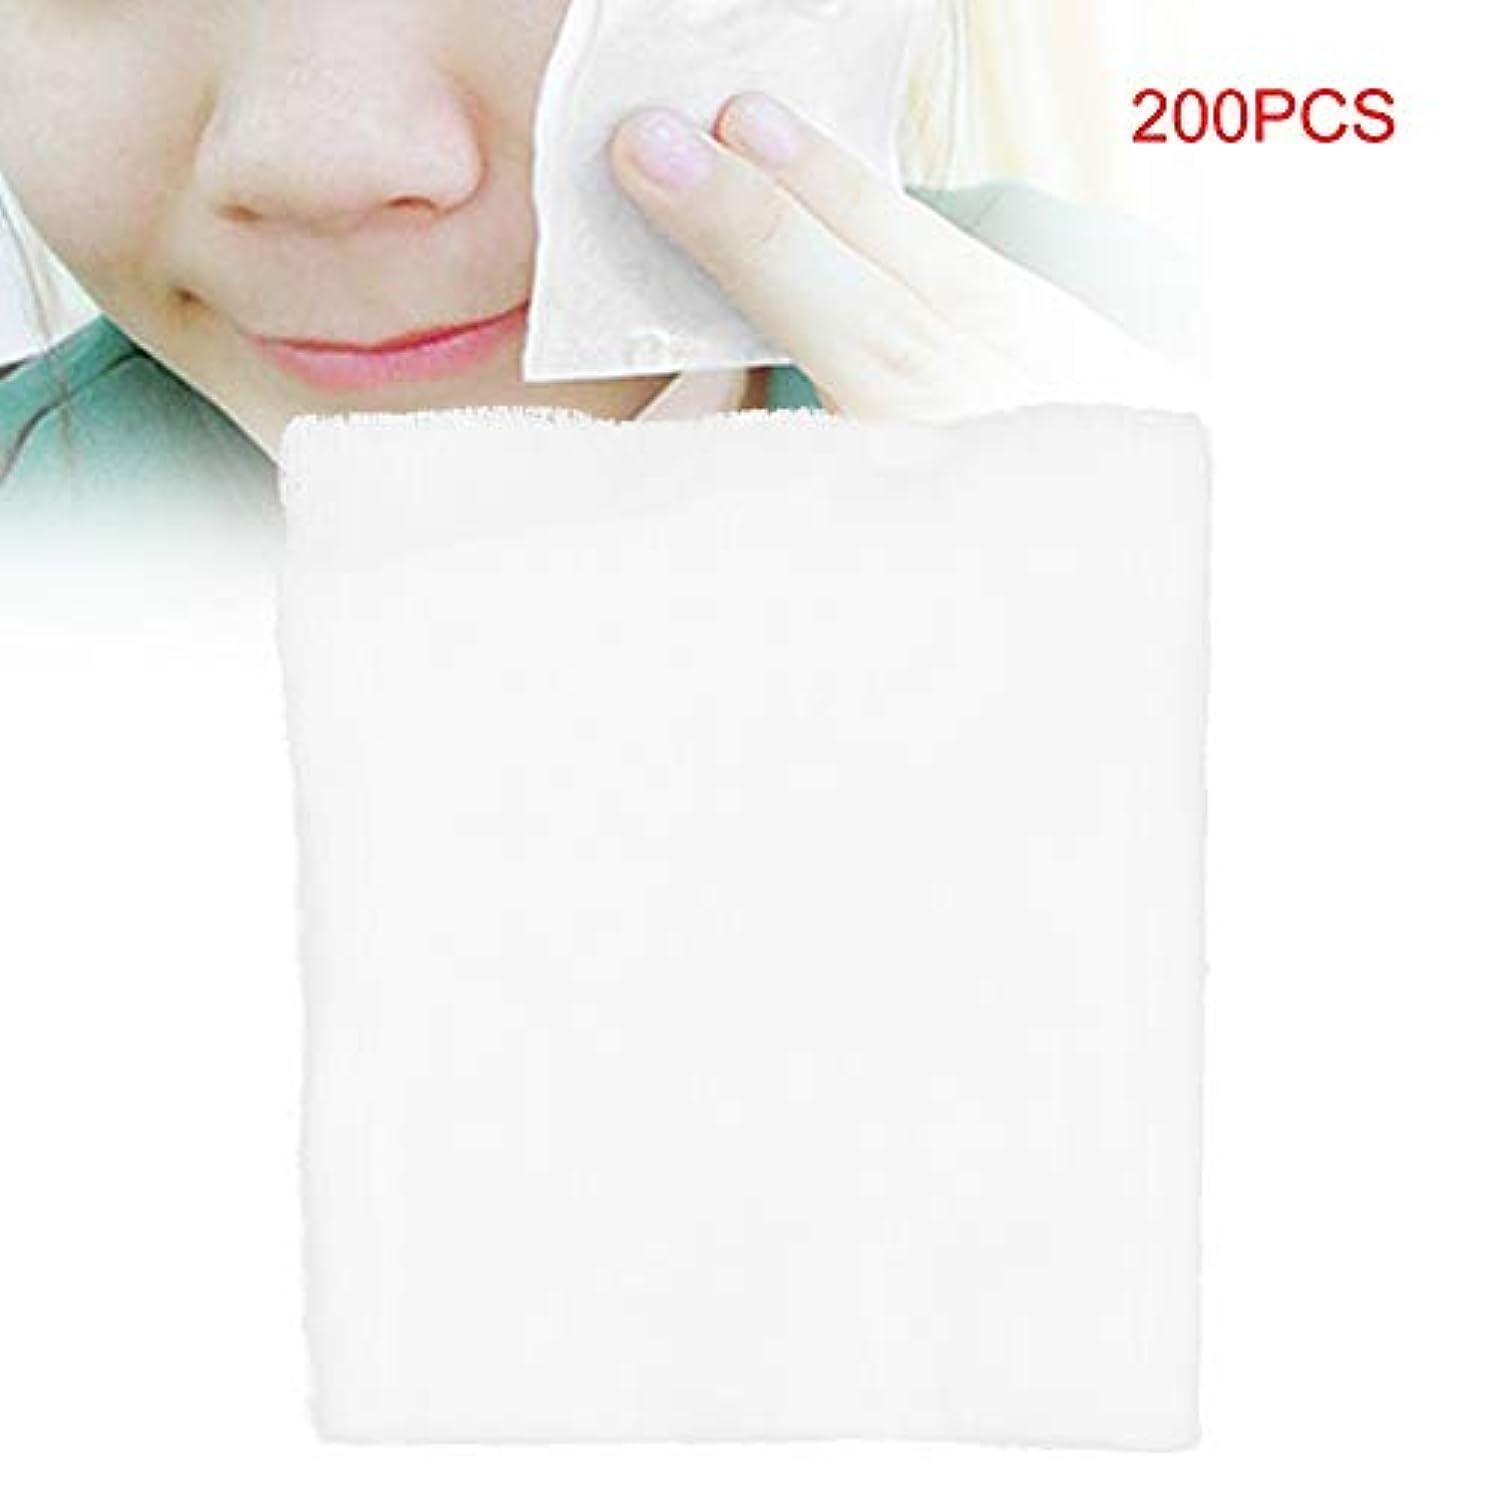 有用サスティーン常識化粧 タオル フェイスクレンジングパッド 化粧品 除去ツール 200個